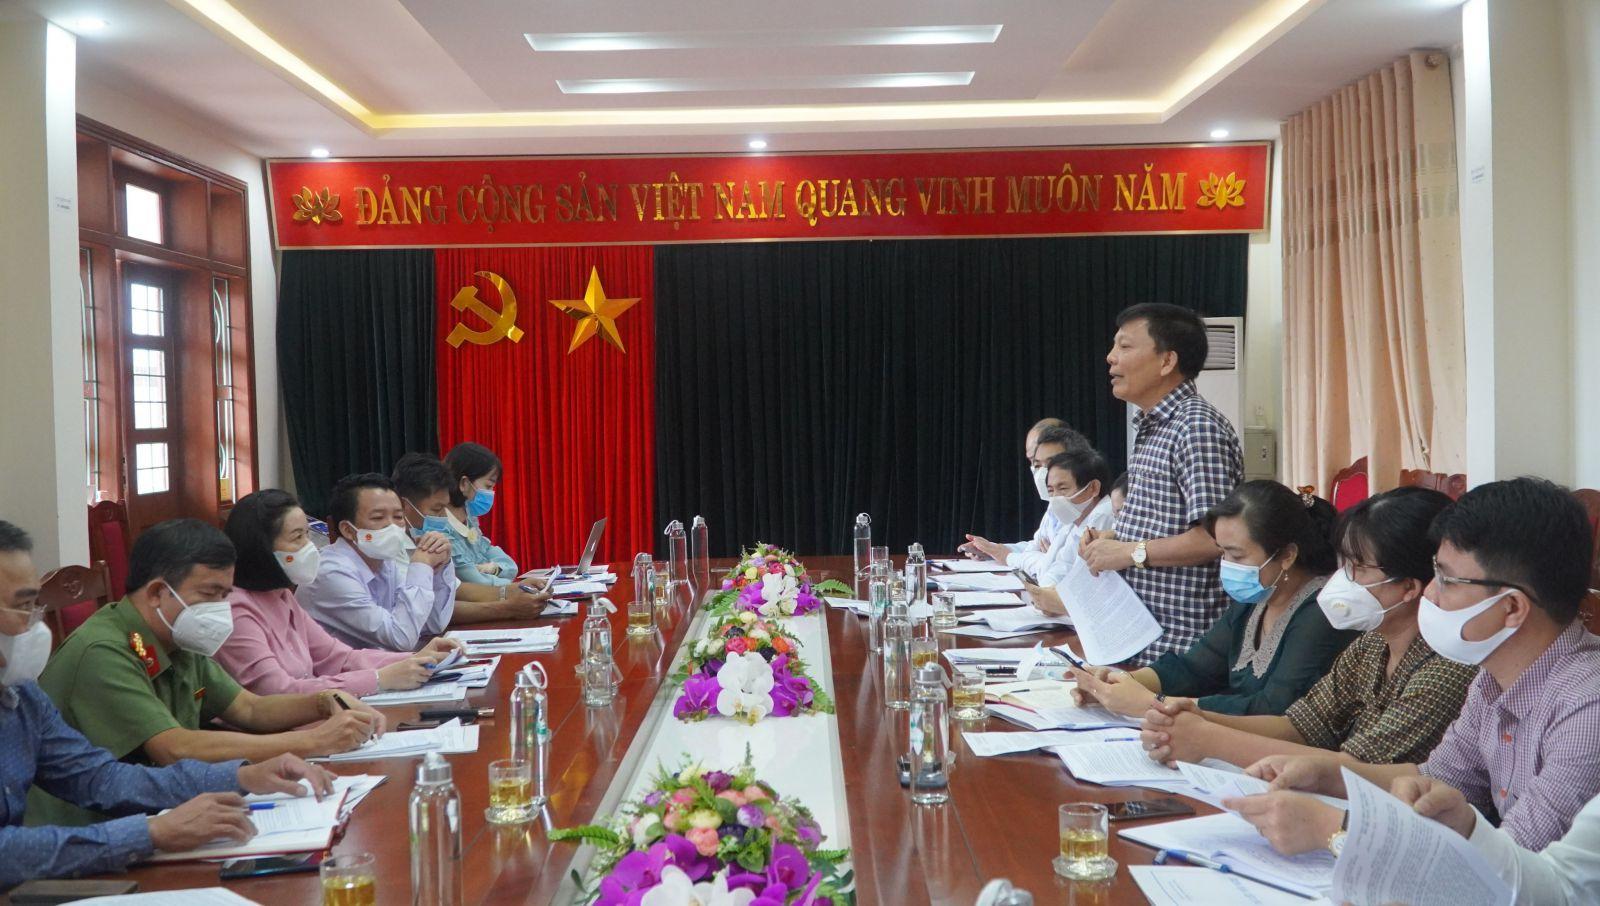 Đoàn ĐBQH tỉnh khảo sát tại Sở Lao động - Thương binh và Xã hội